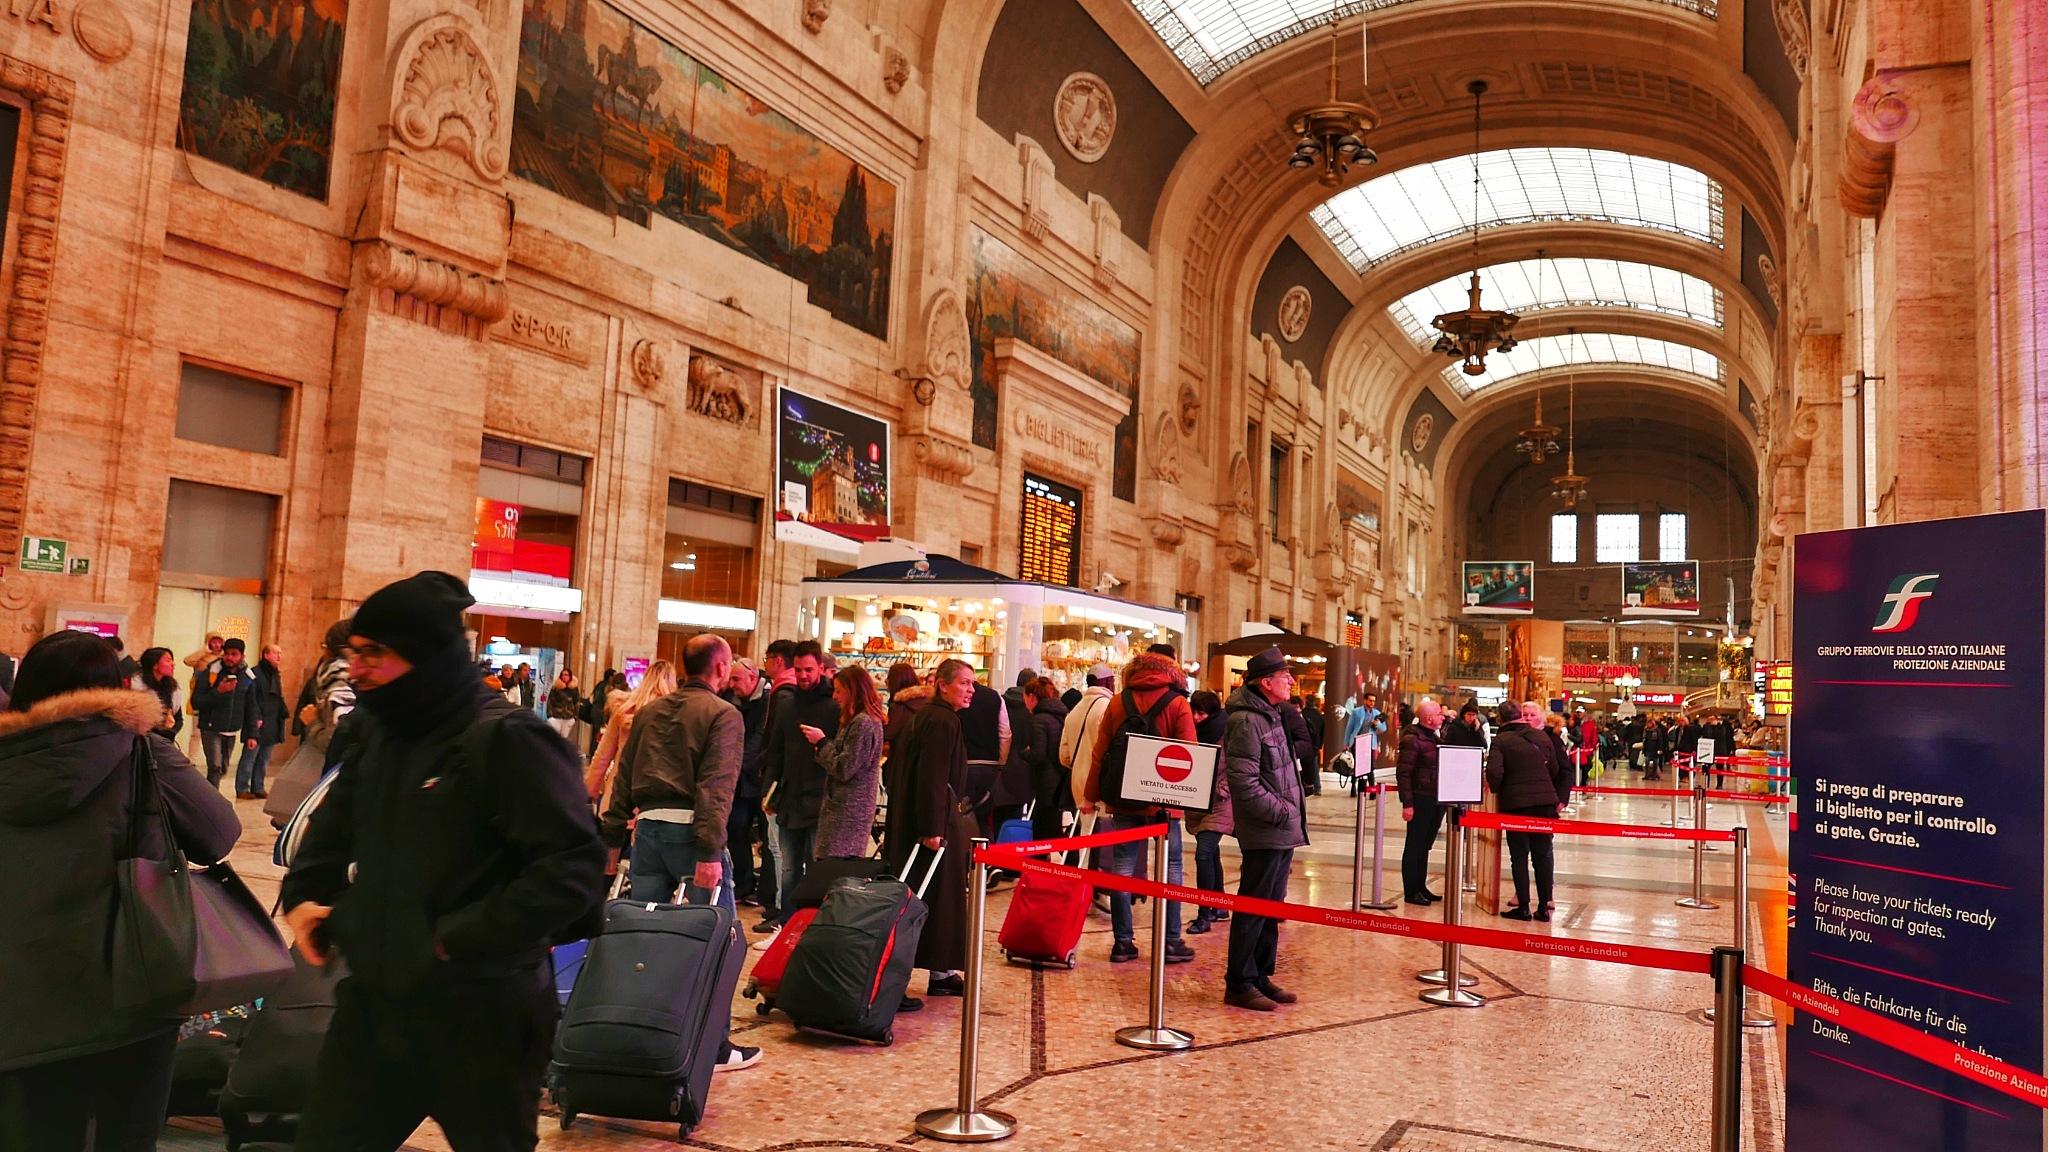 Milano Stazione Centrale by sahbel